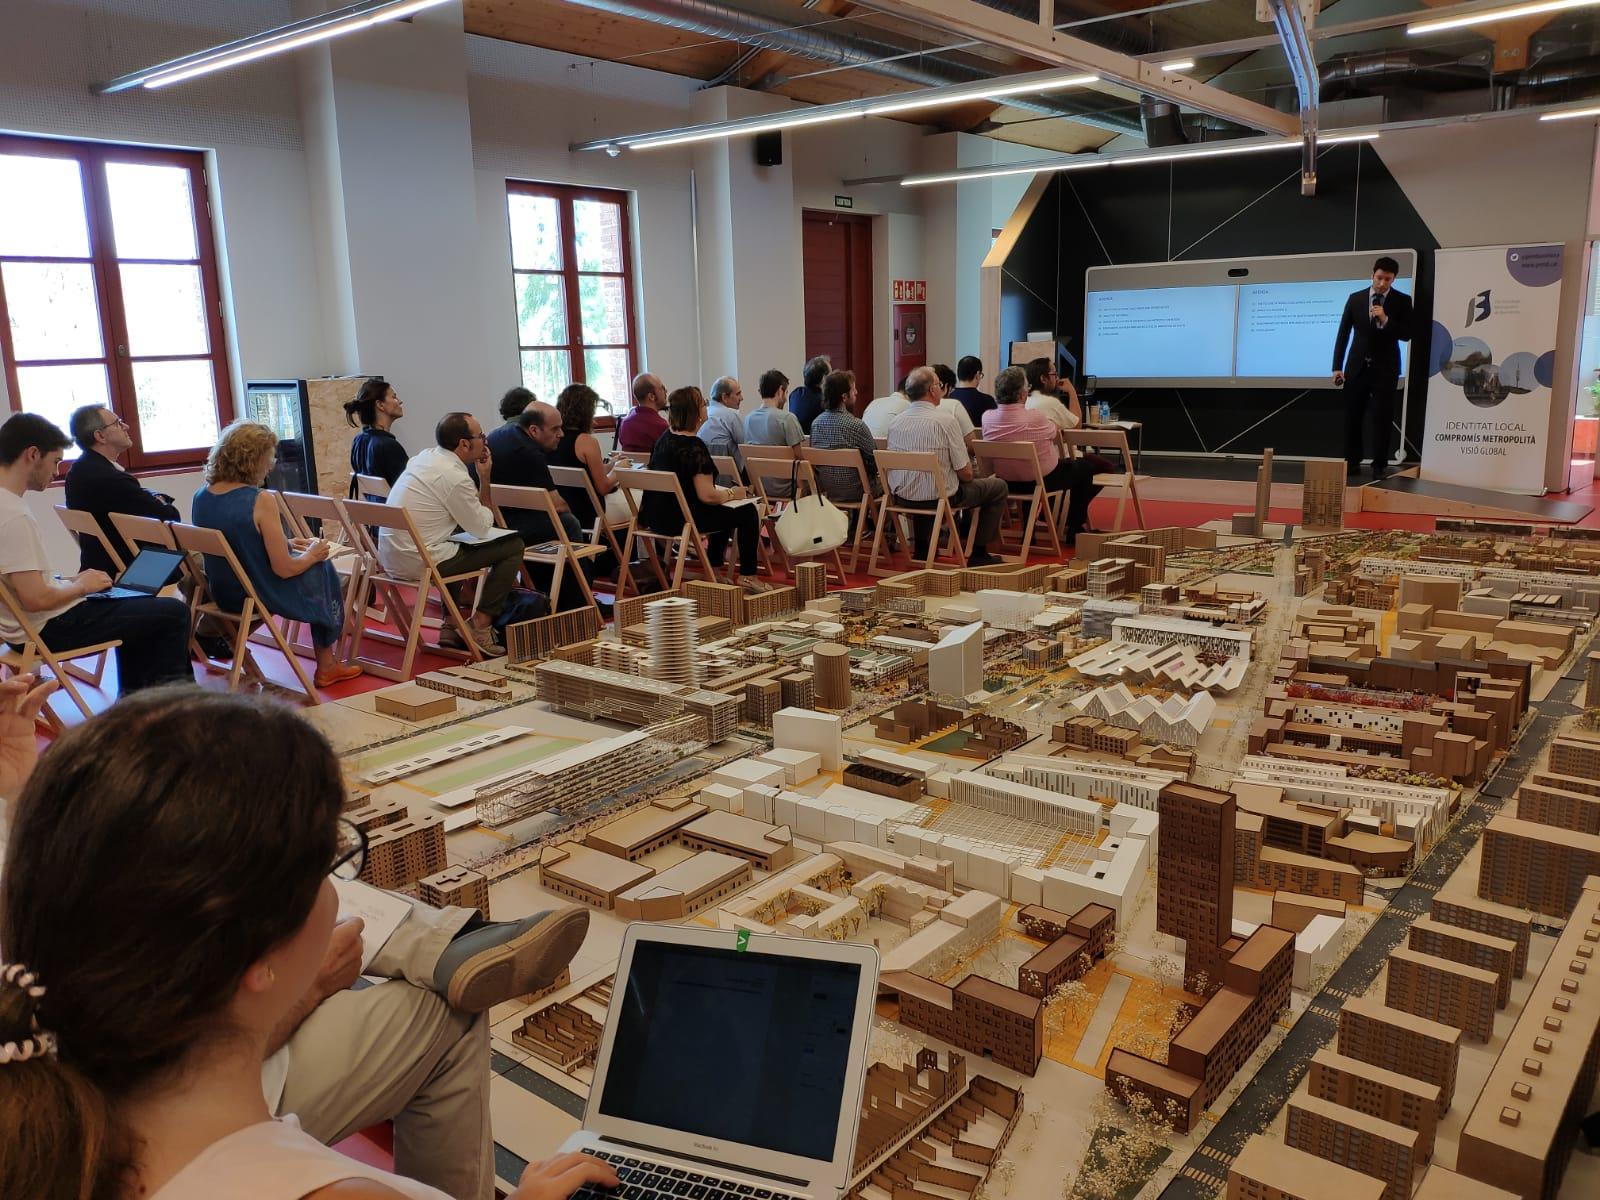 Ramon Gras a Ca l'Alier, davant l'exposició de Treballs Fi de Grau (TFG) de UIC Barcelona School of Architecture